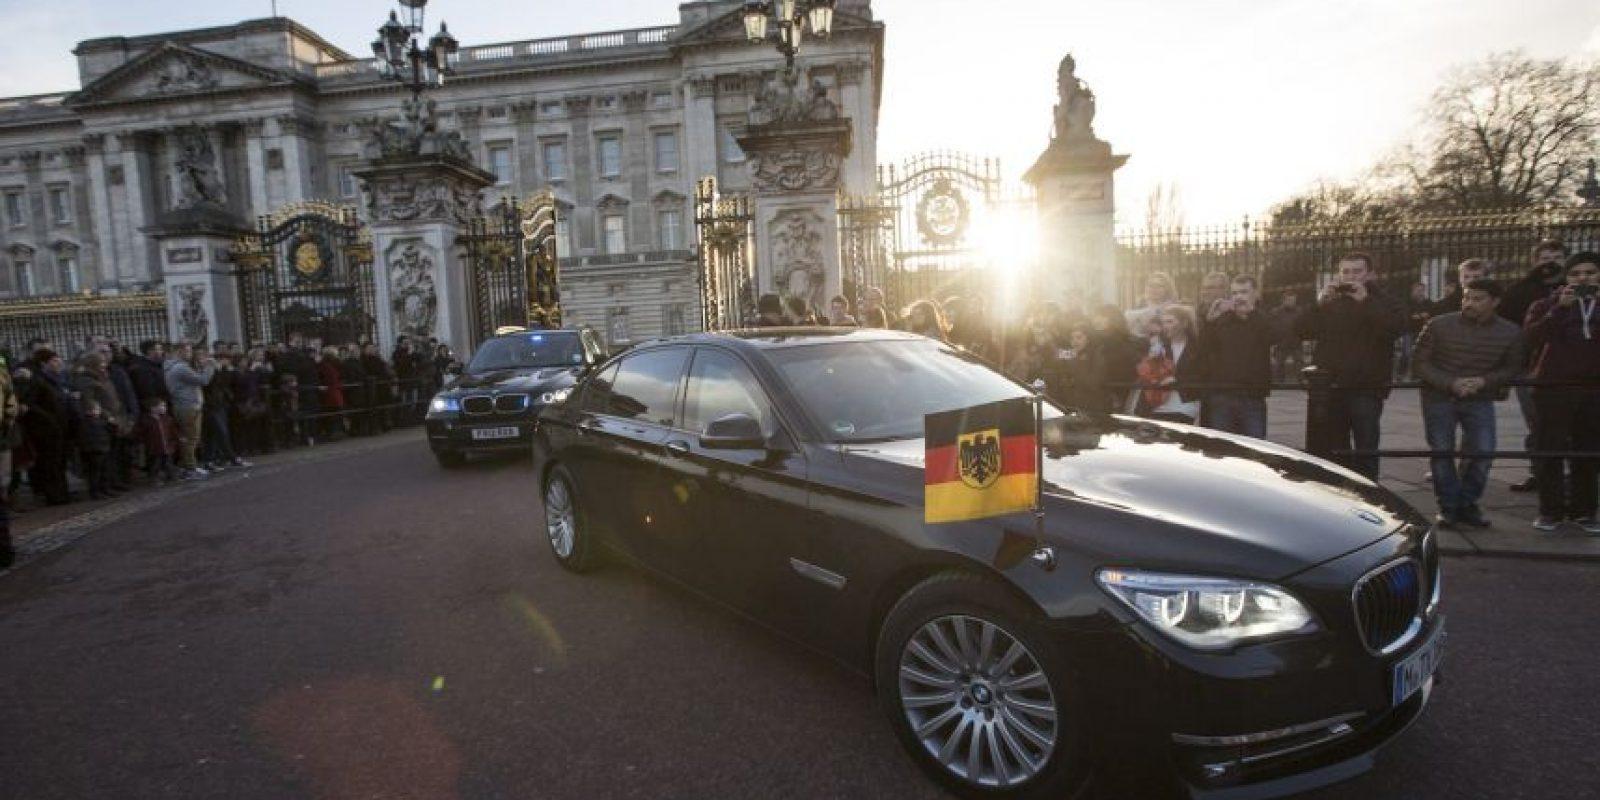 La canciller se ha caracterizado por utilizar vehículos de distintas marcas, para promover la neutralidad entre marcas Foto:Getty Images